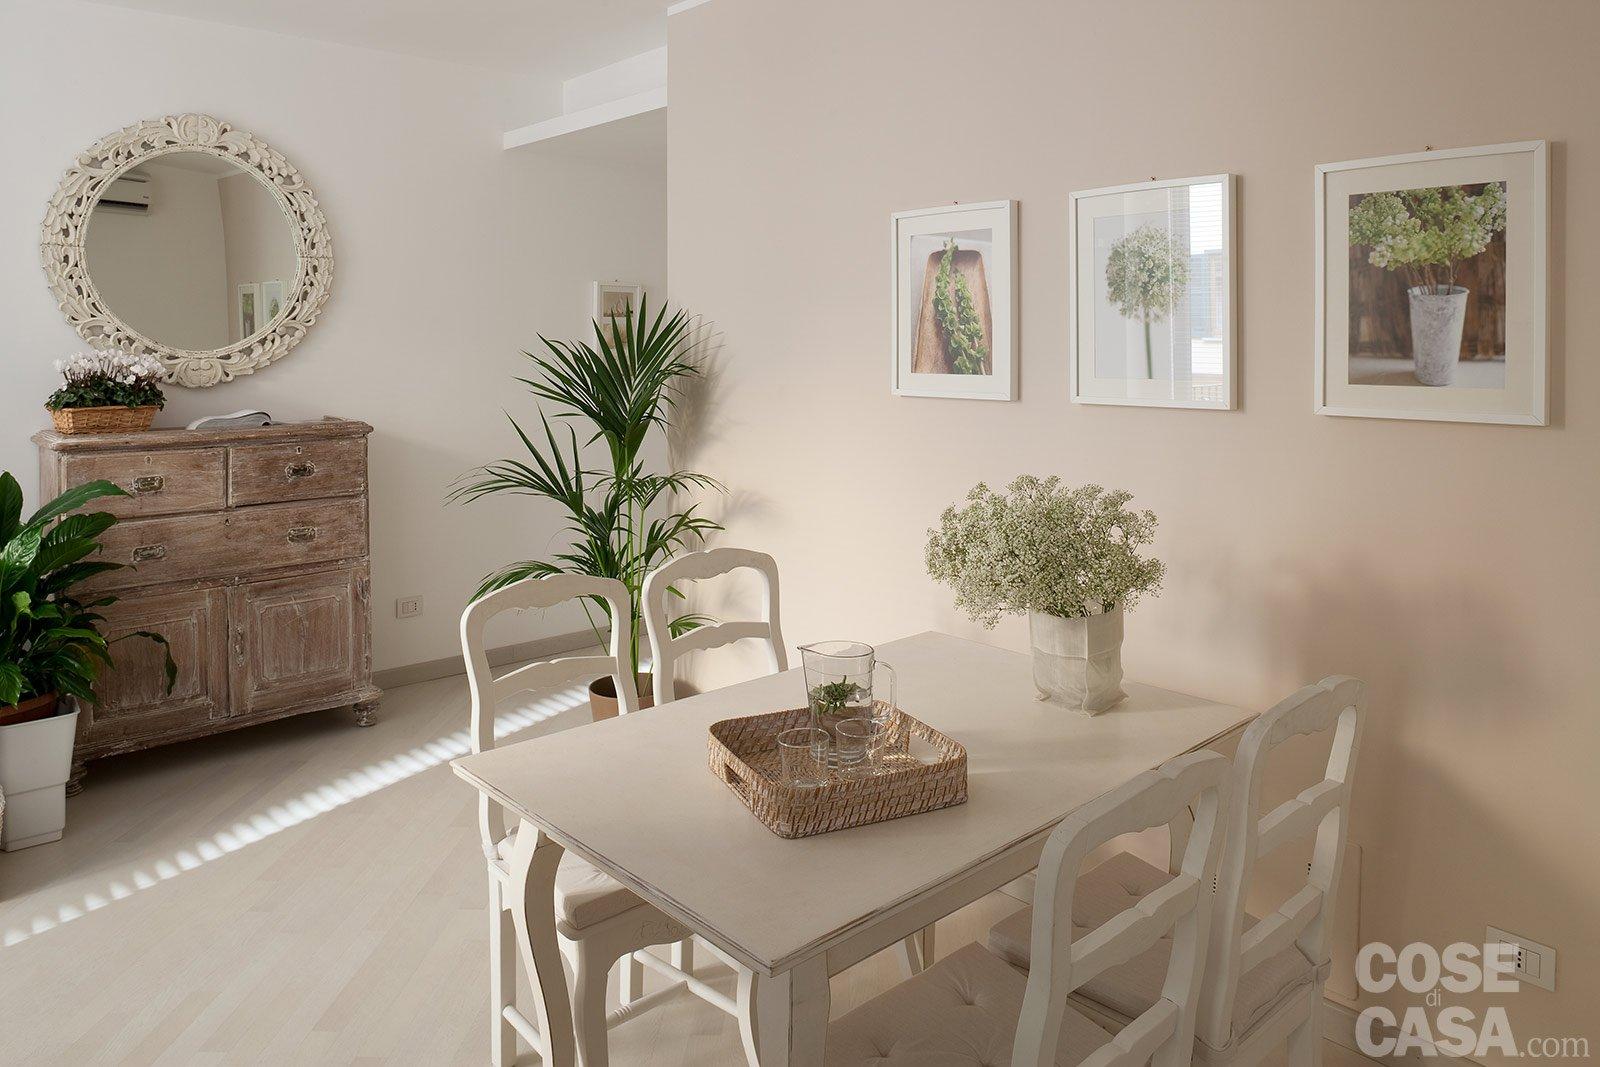 Disegni pareti camere da letto : disegni per pareti camera da ...